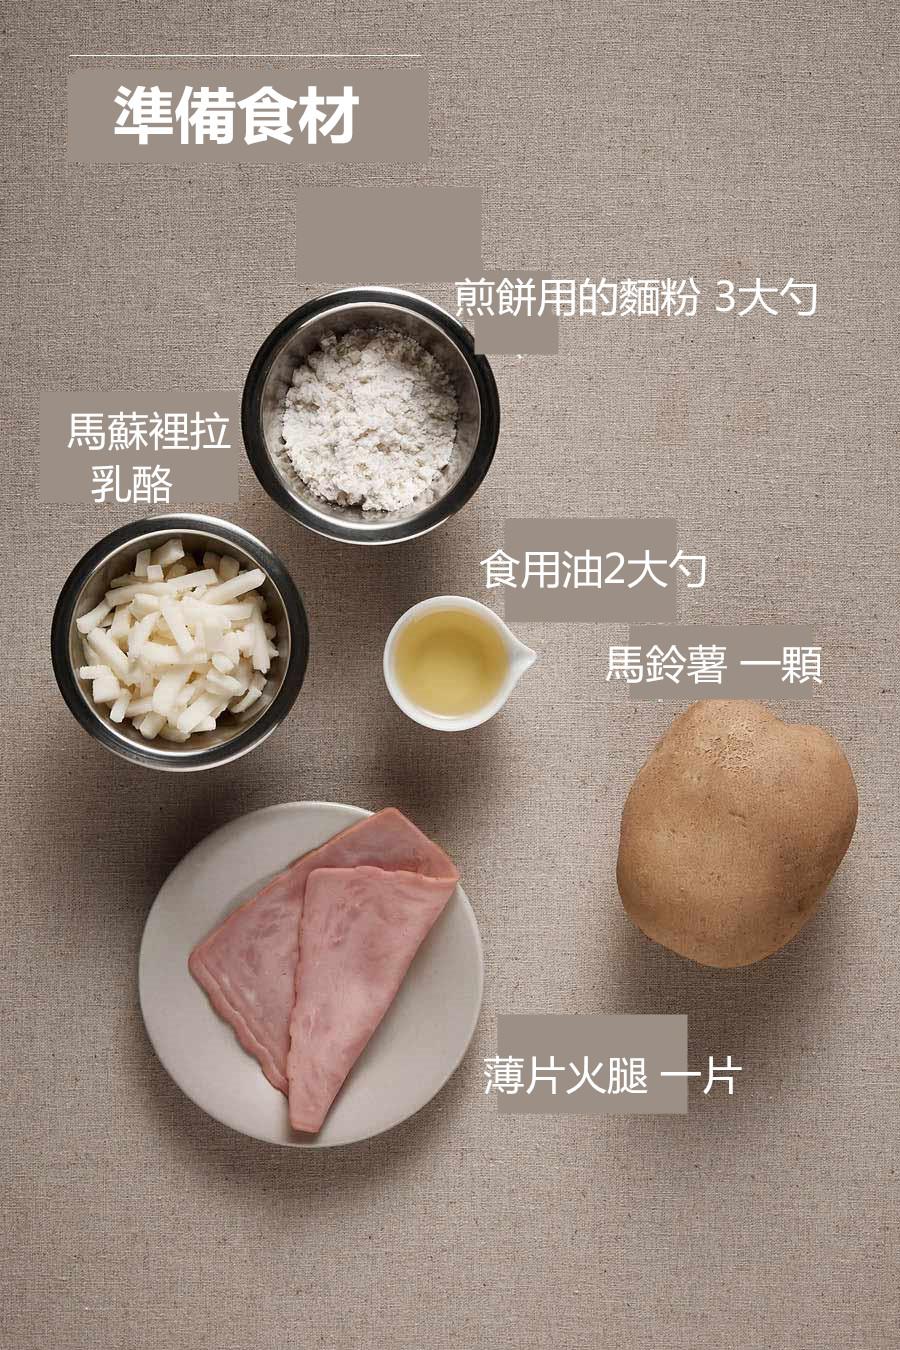 準備食材也非常簡單,如果家裡沒有煎餅用的麵粉,用普通麵粉代替也可以,隨便什麼起司都可以。